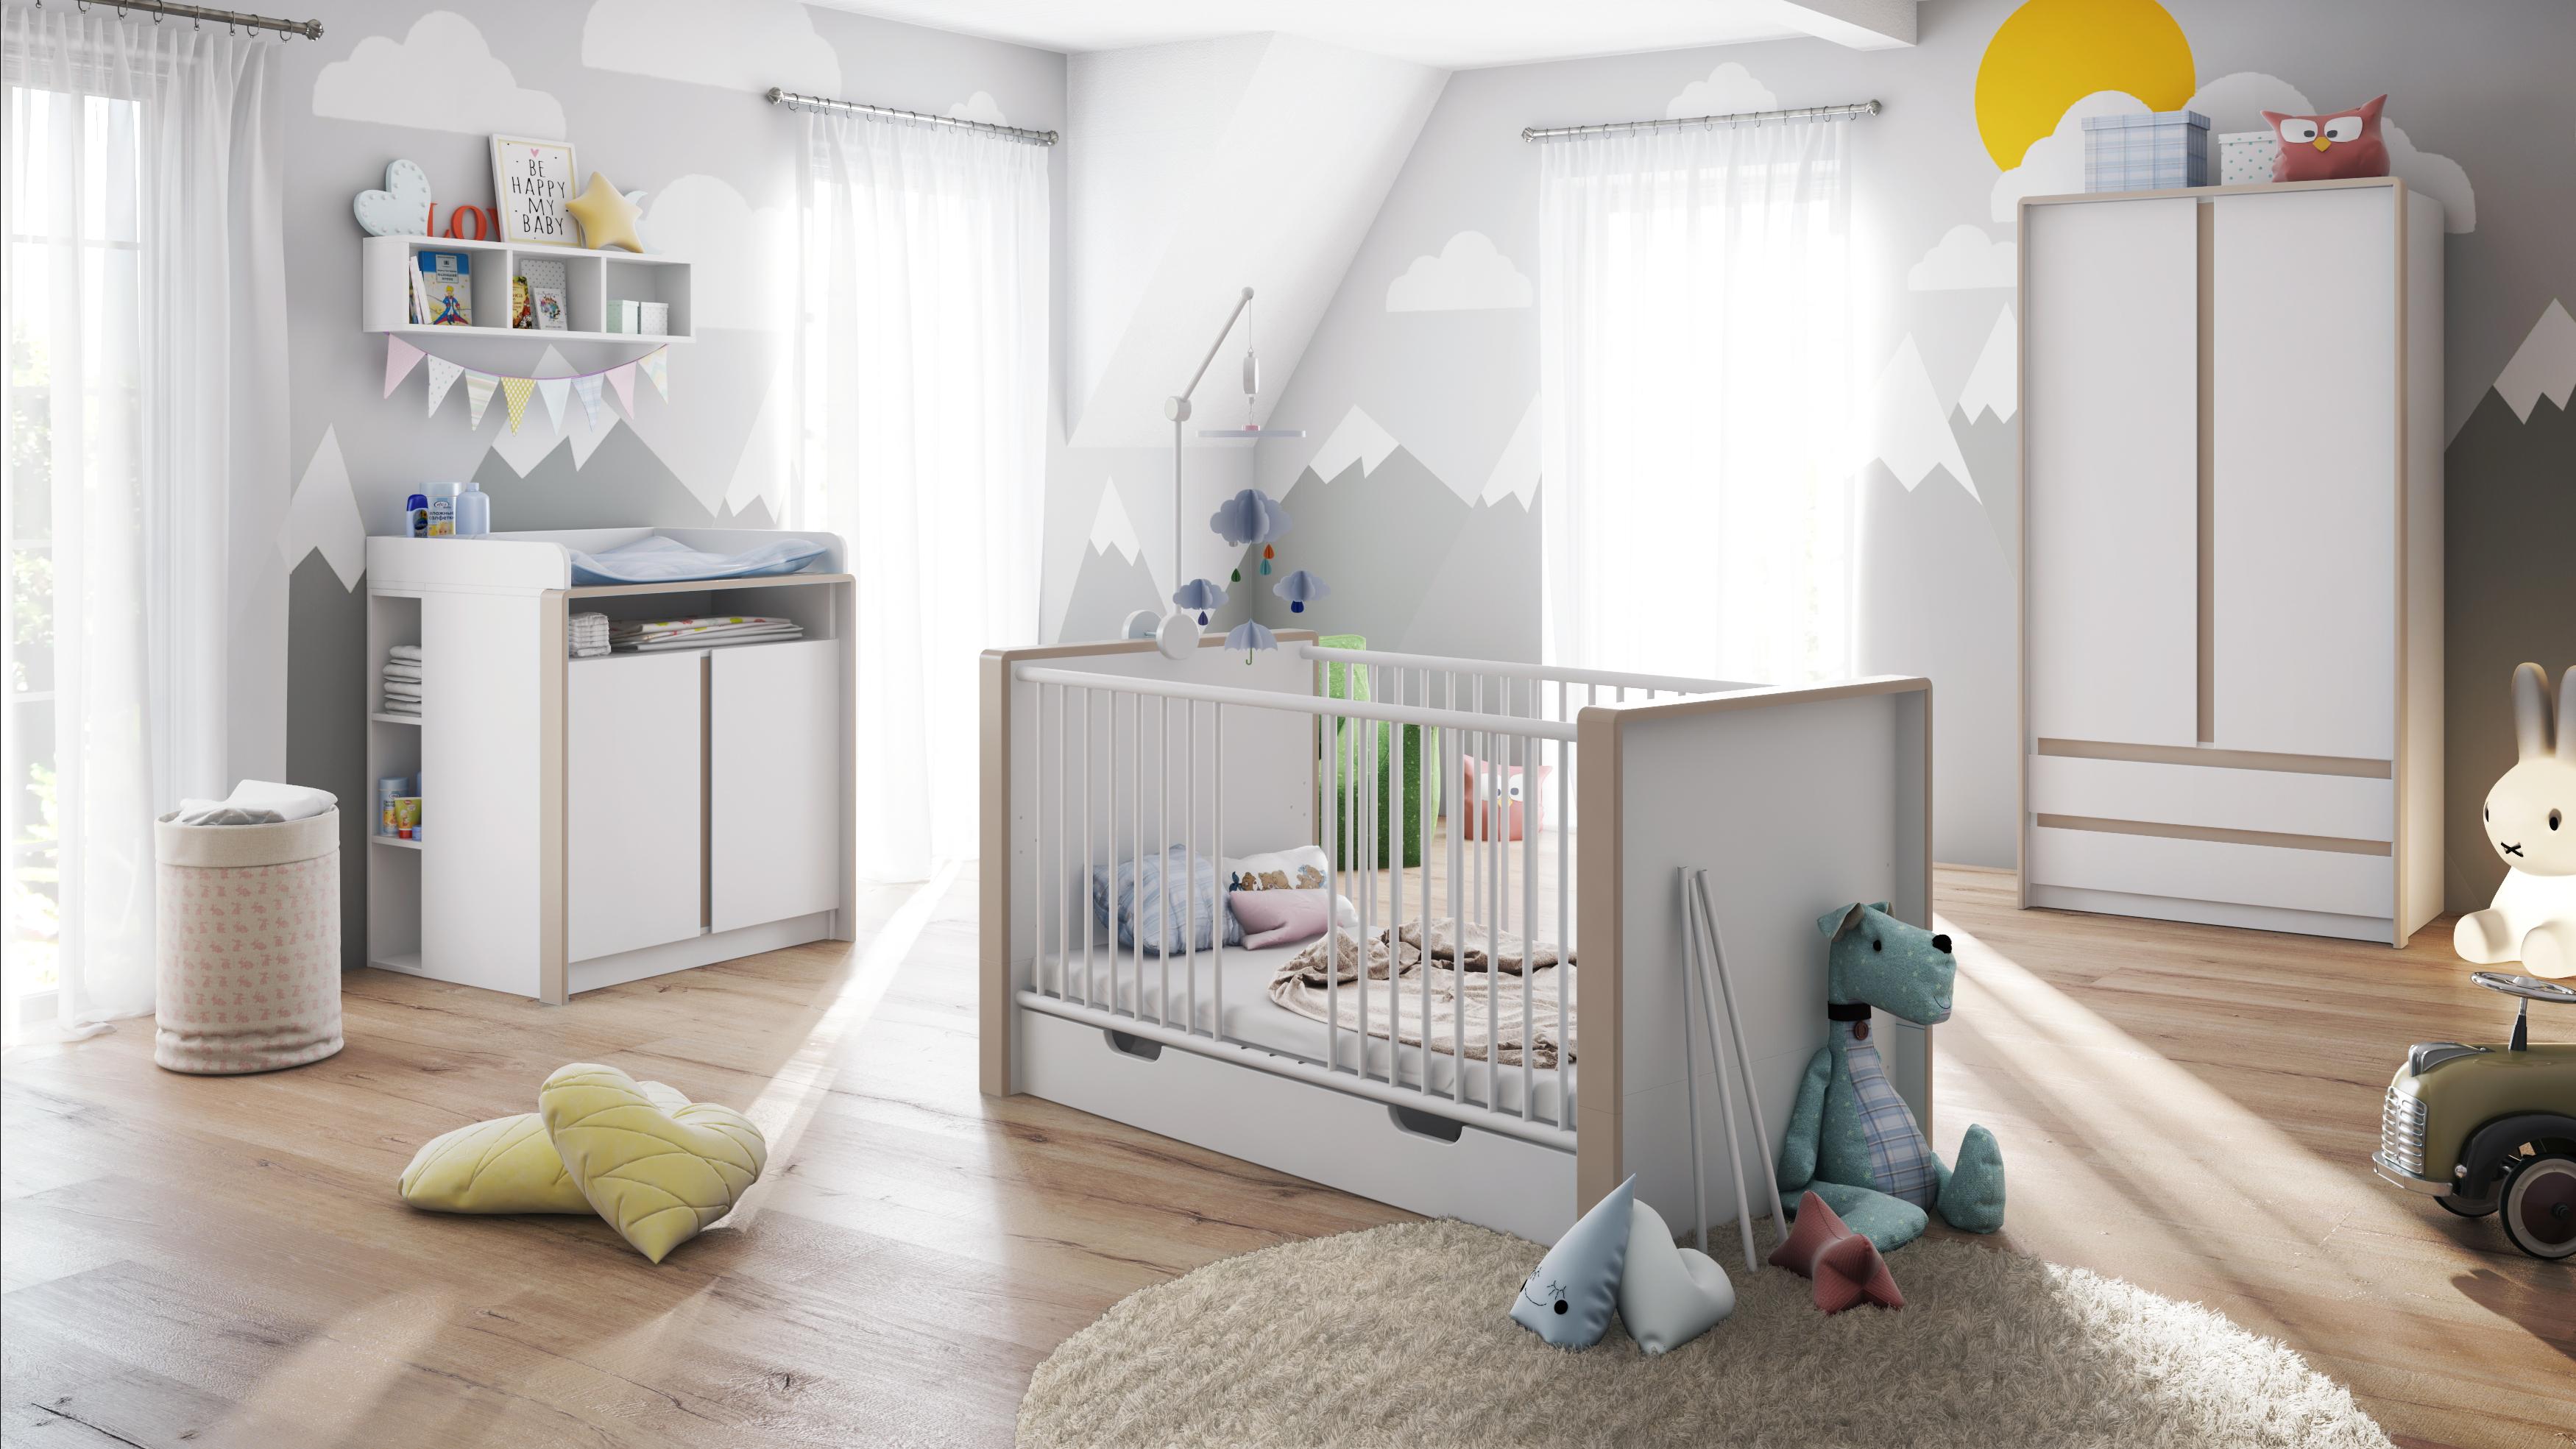 babyzimmer kinderzimmer schrank bett wickelkommode umbaubar ... - Kinderzimmer Baby Weis